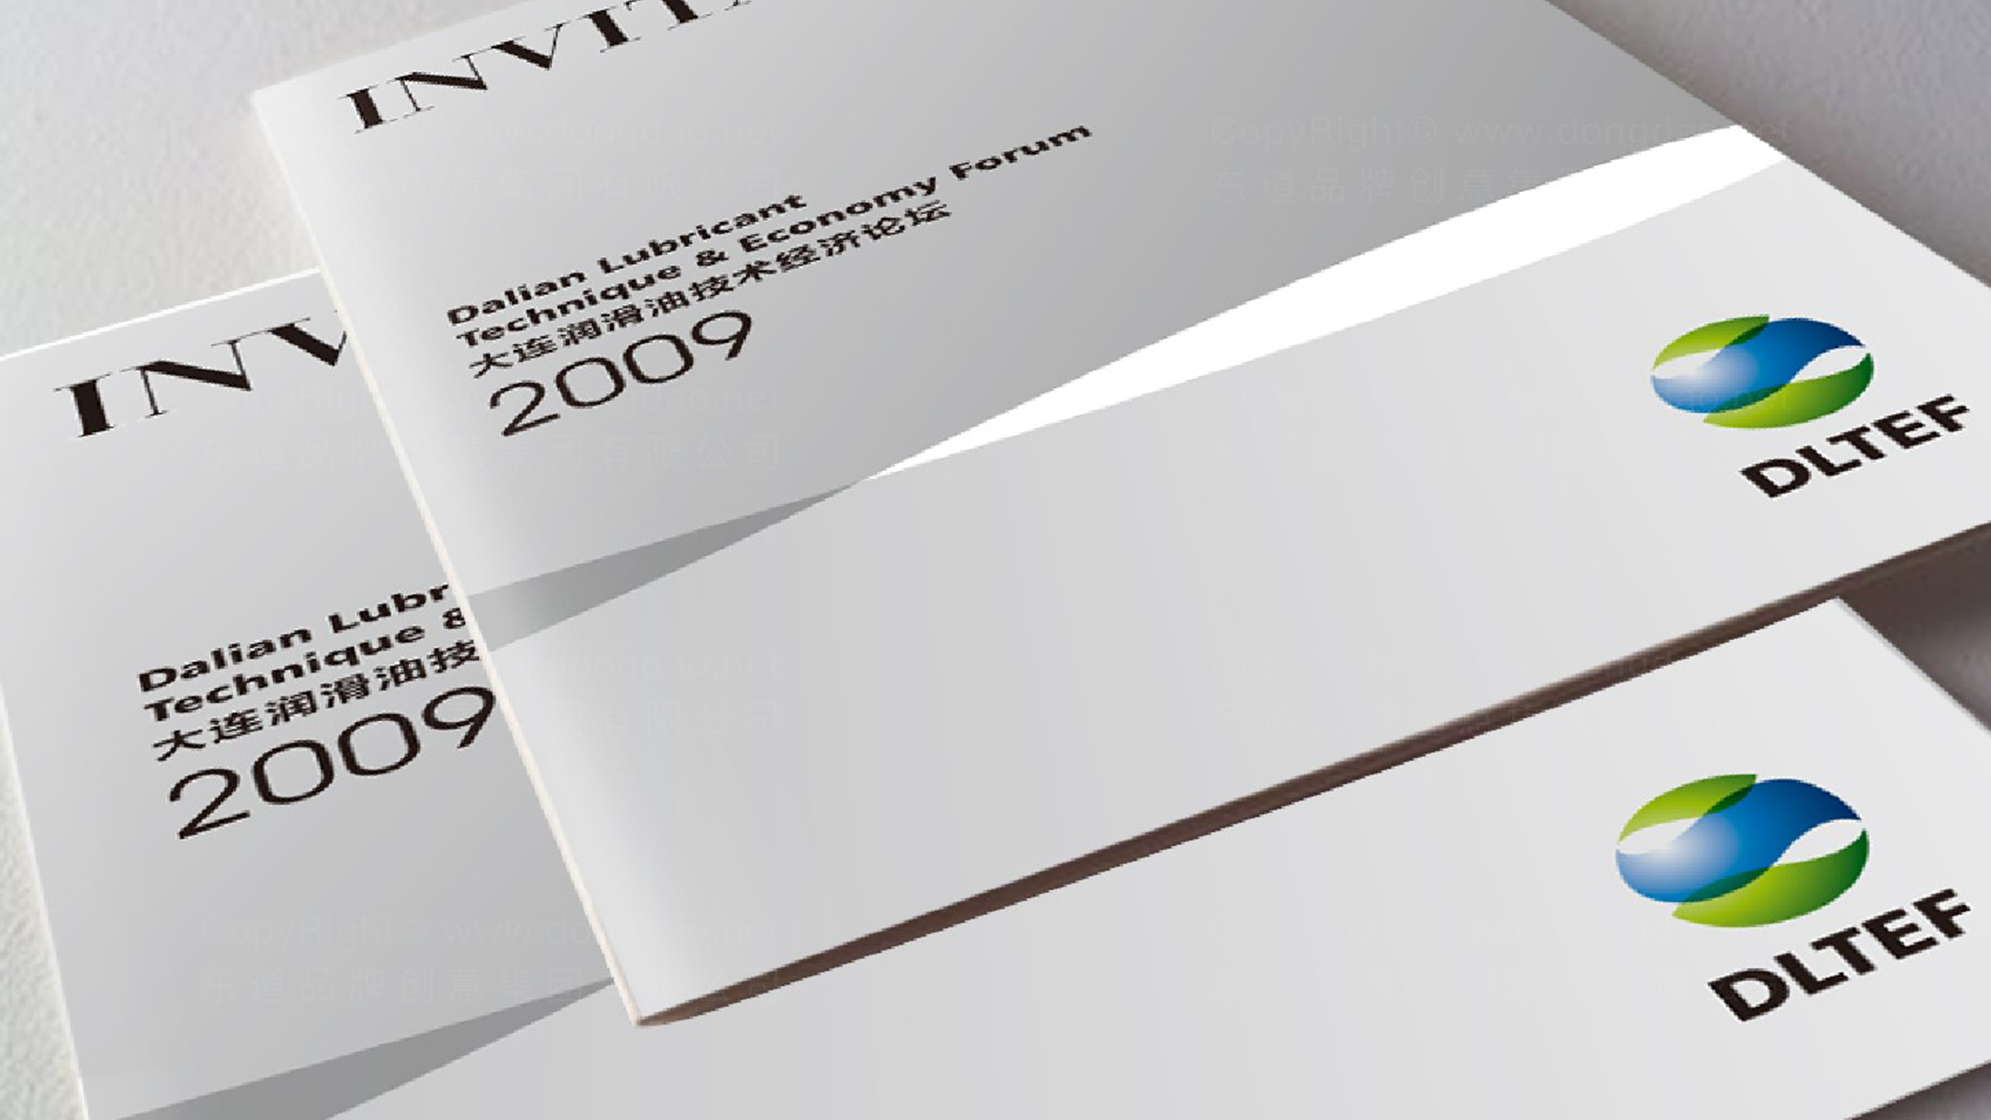 品牌设计大连润滑油技术经济论坛LOGO&VI设计应用场景